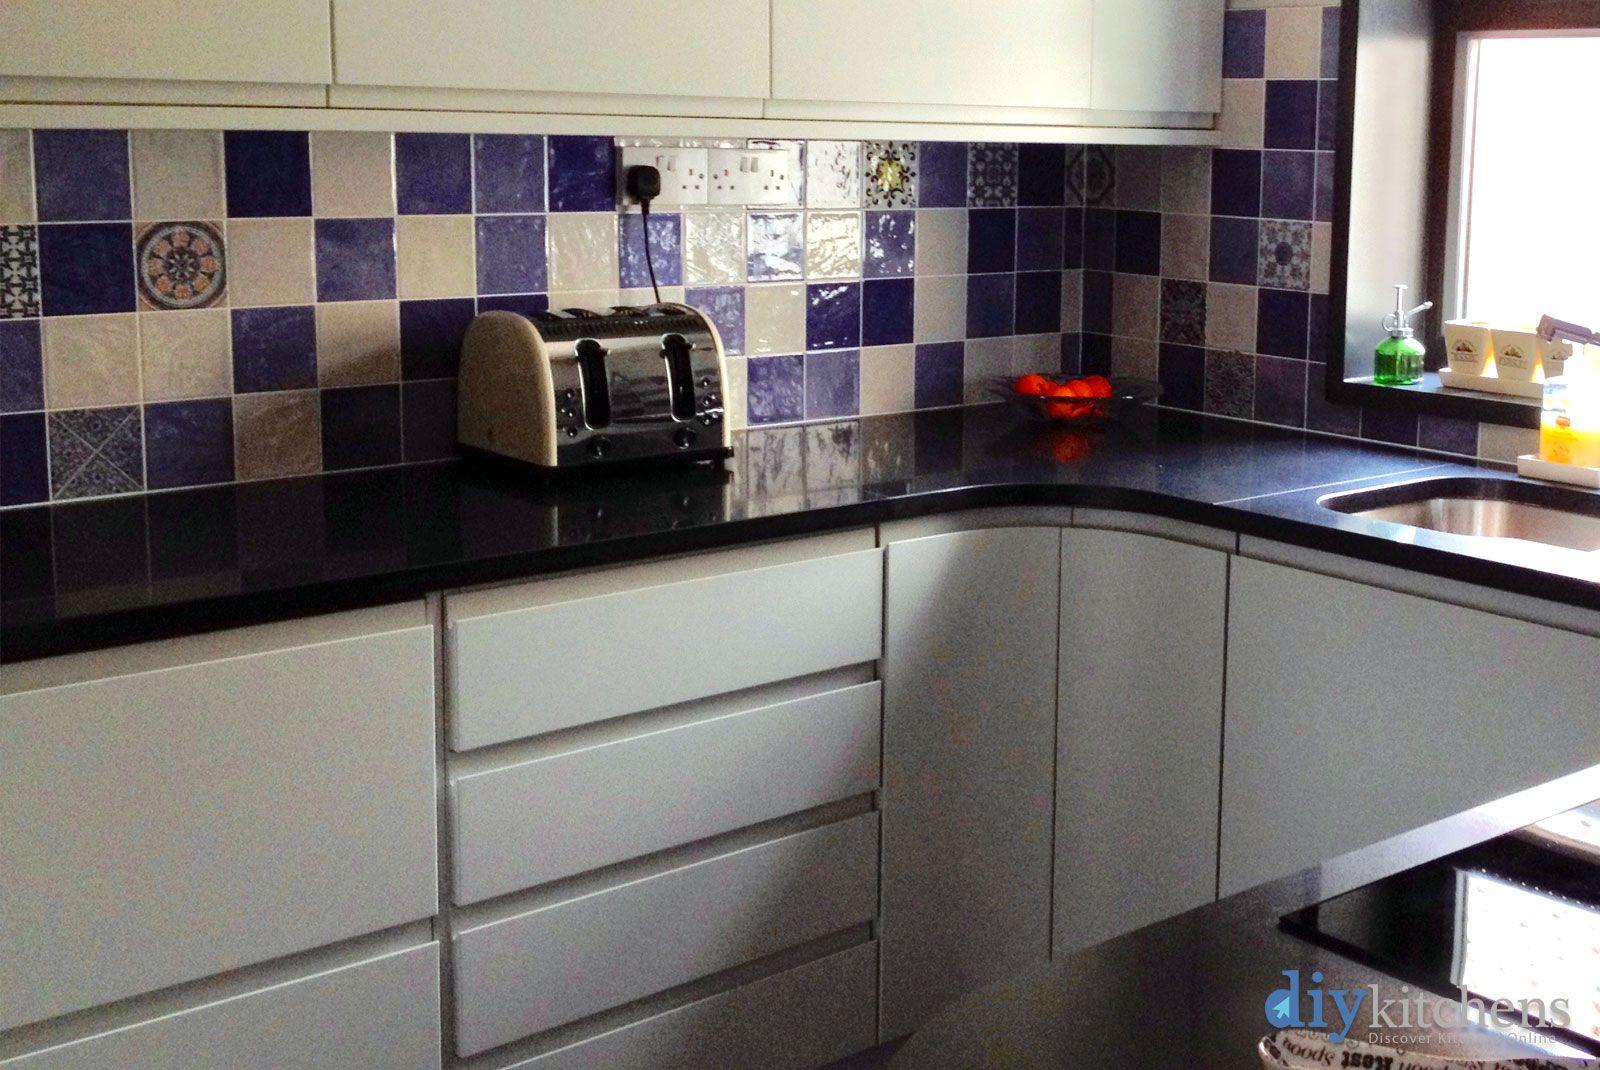 Best An Innova Luca Dove Grey Handleless Kitchen Handleless 400 x 300